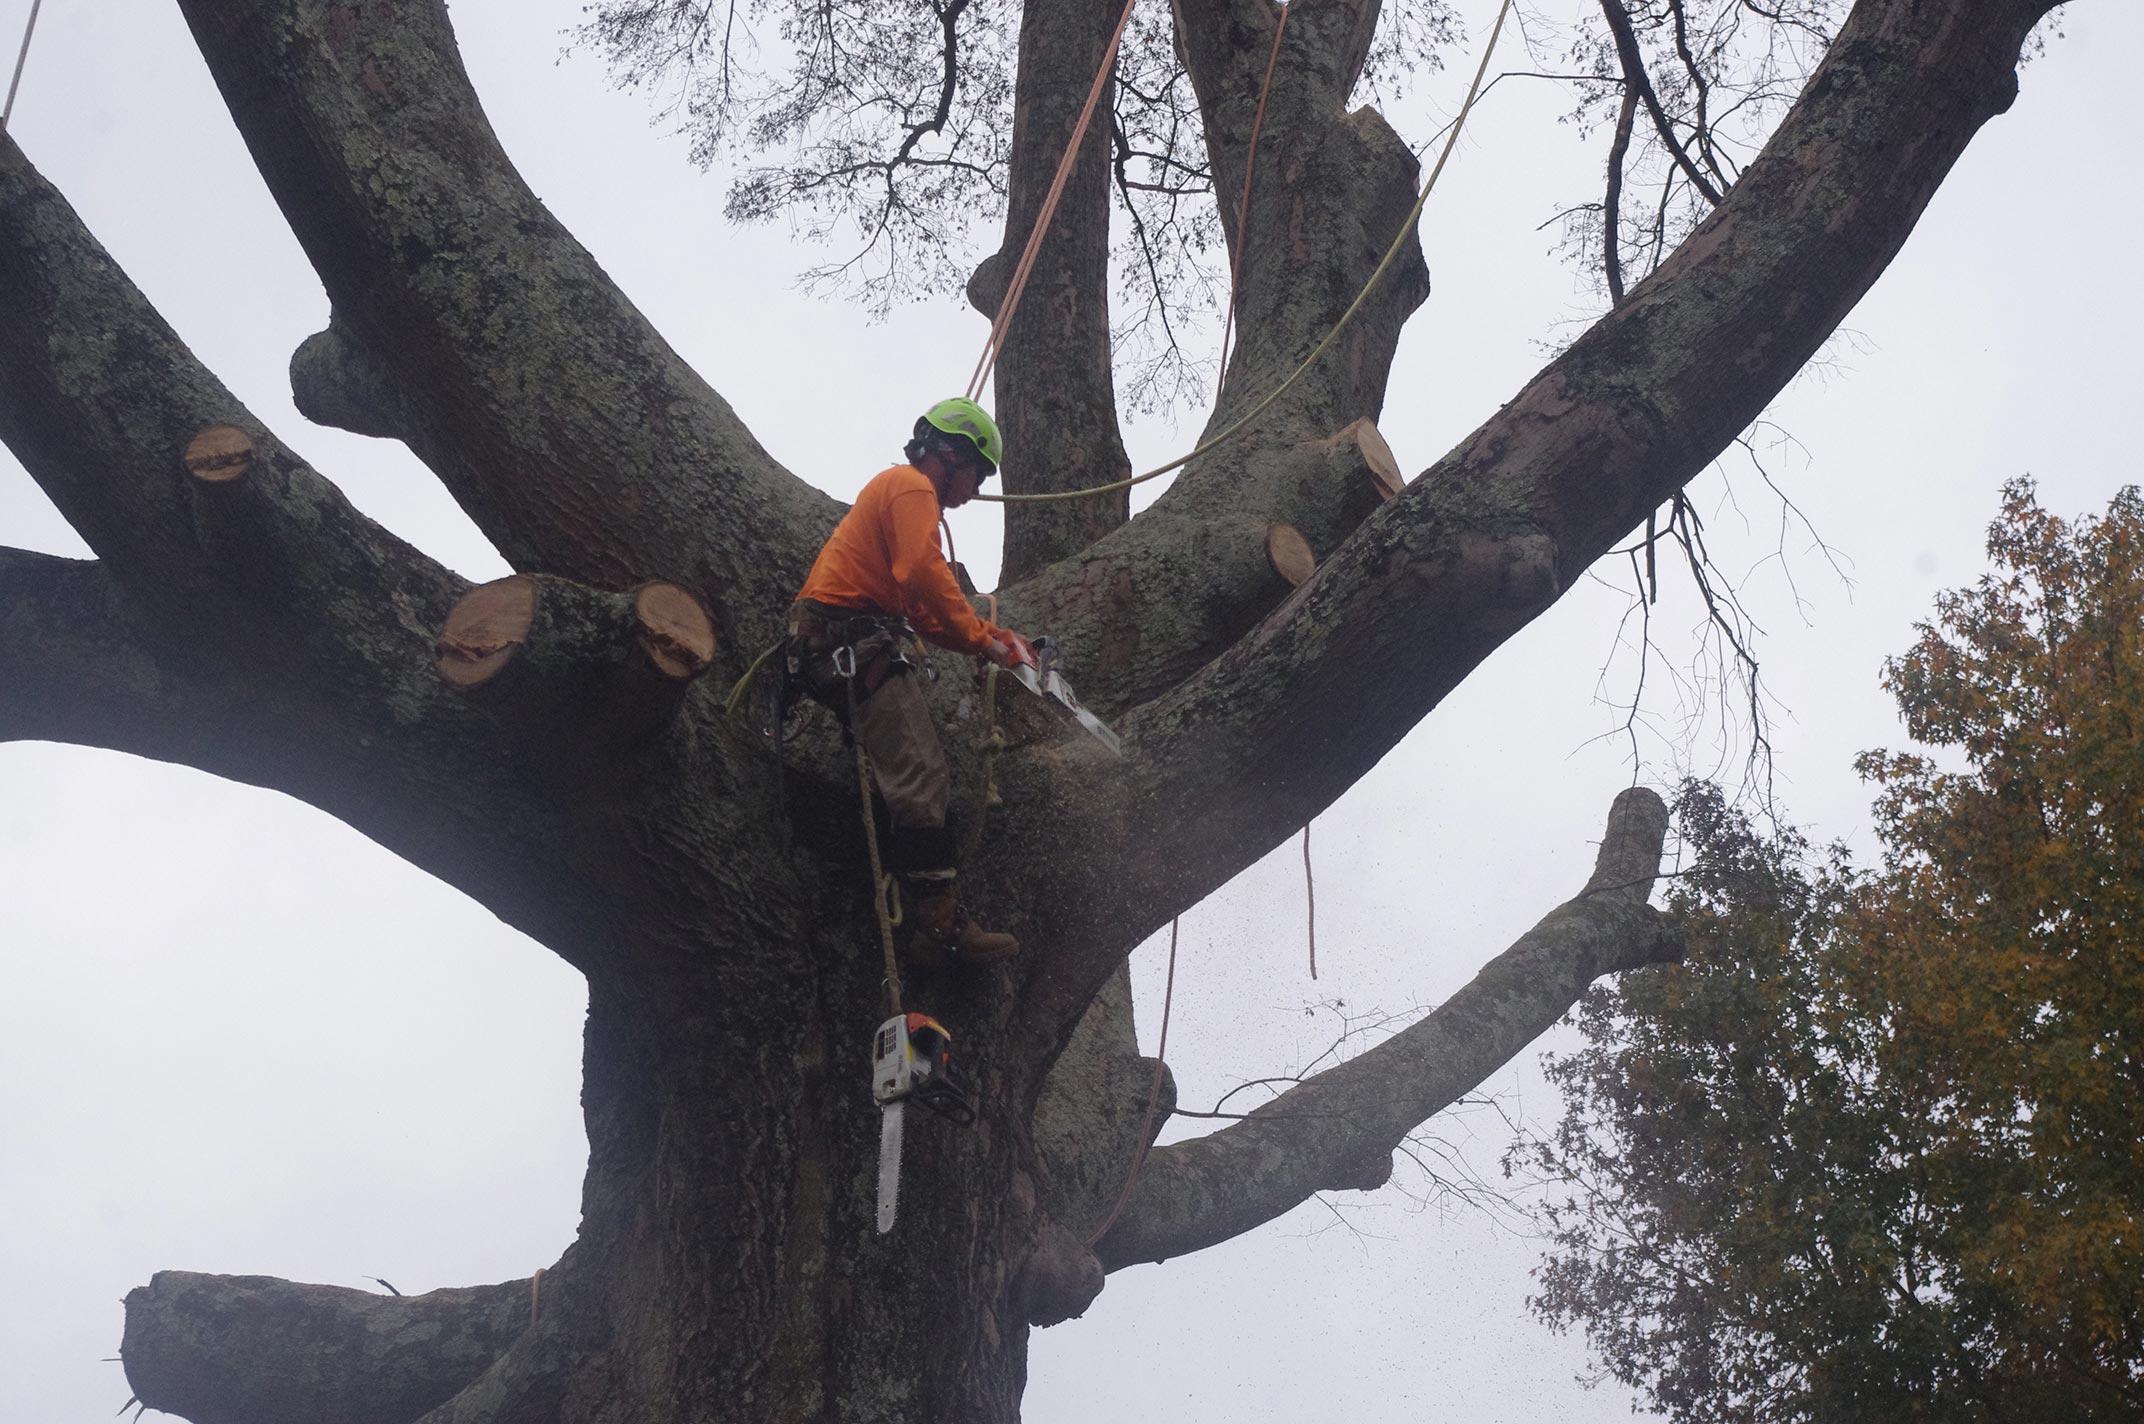 #big-oak